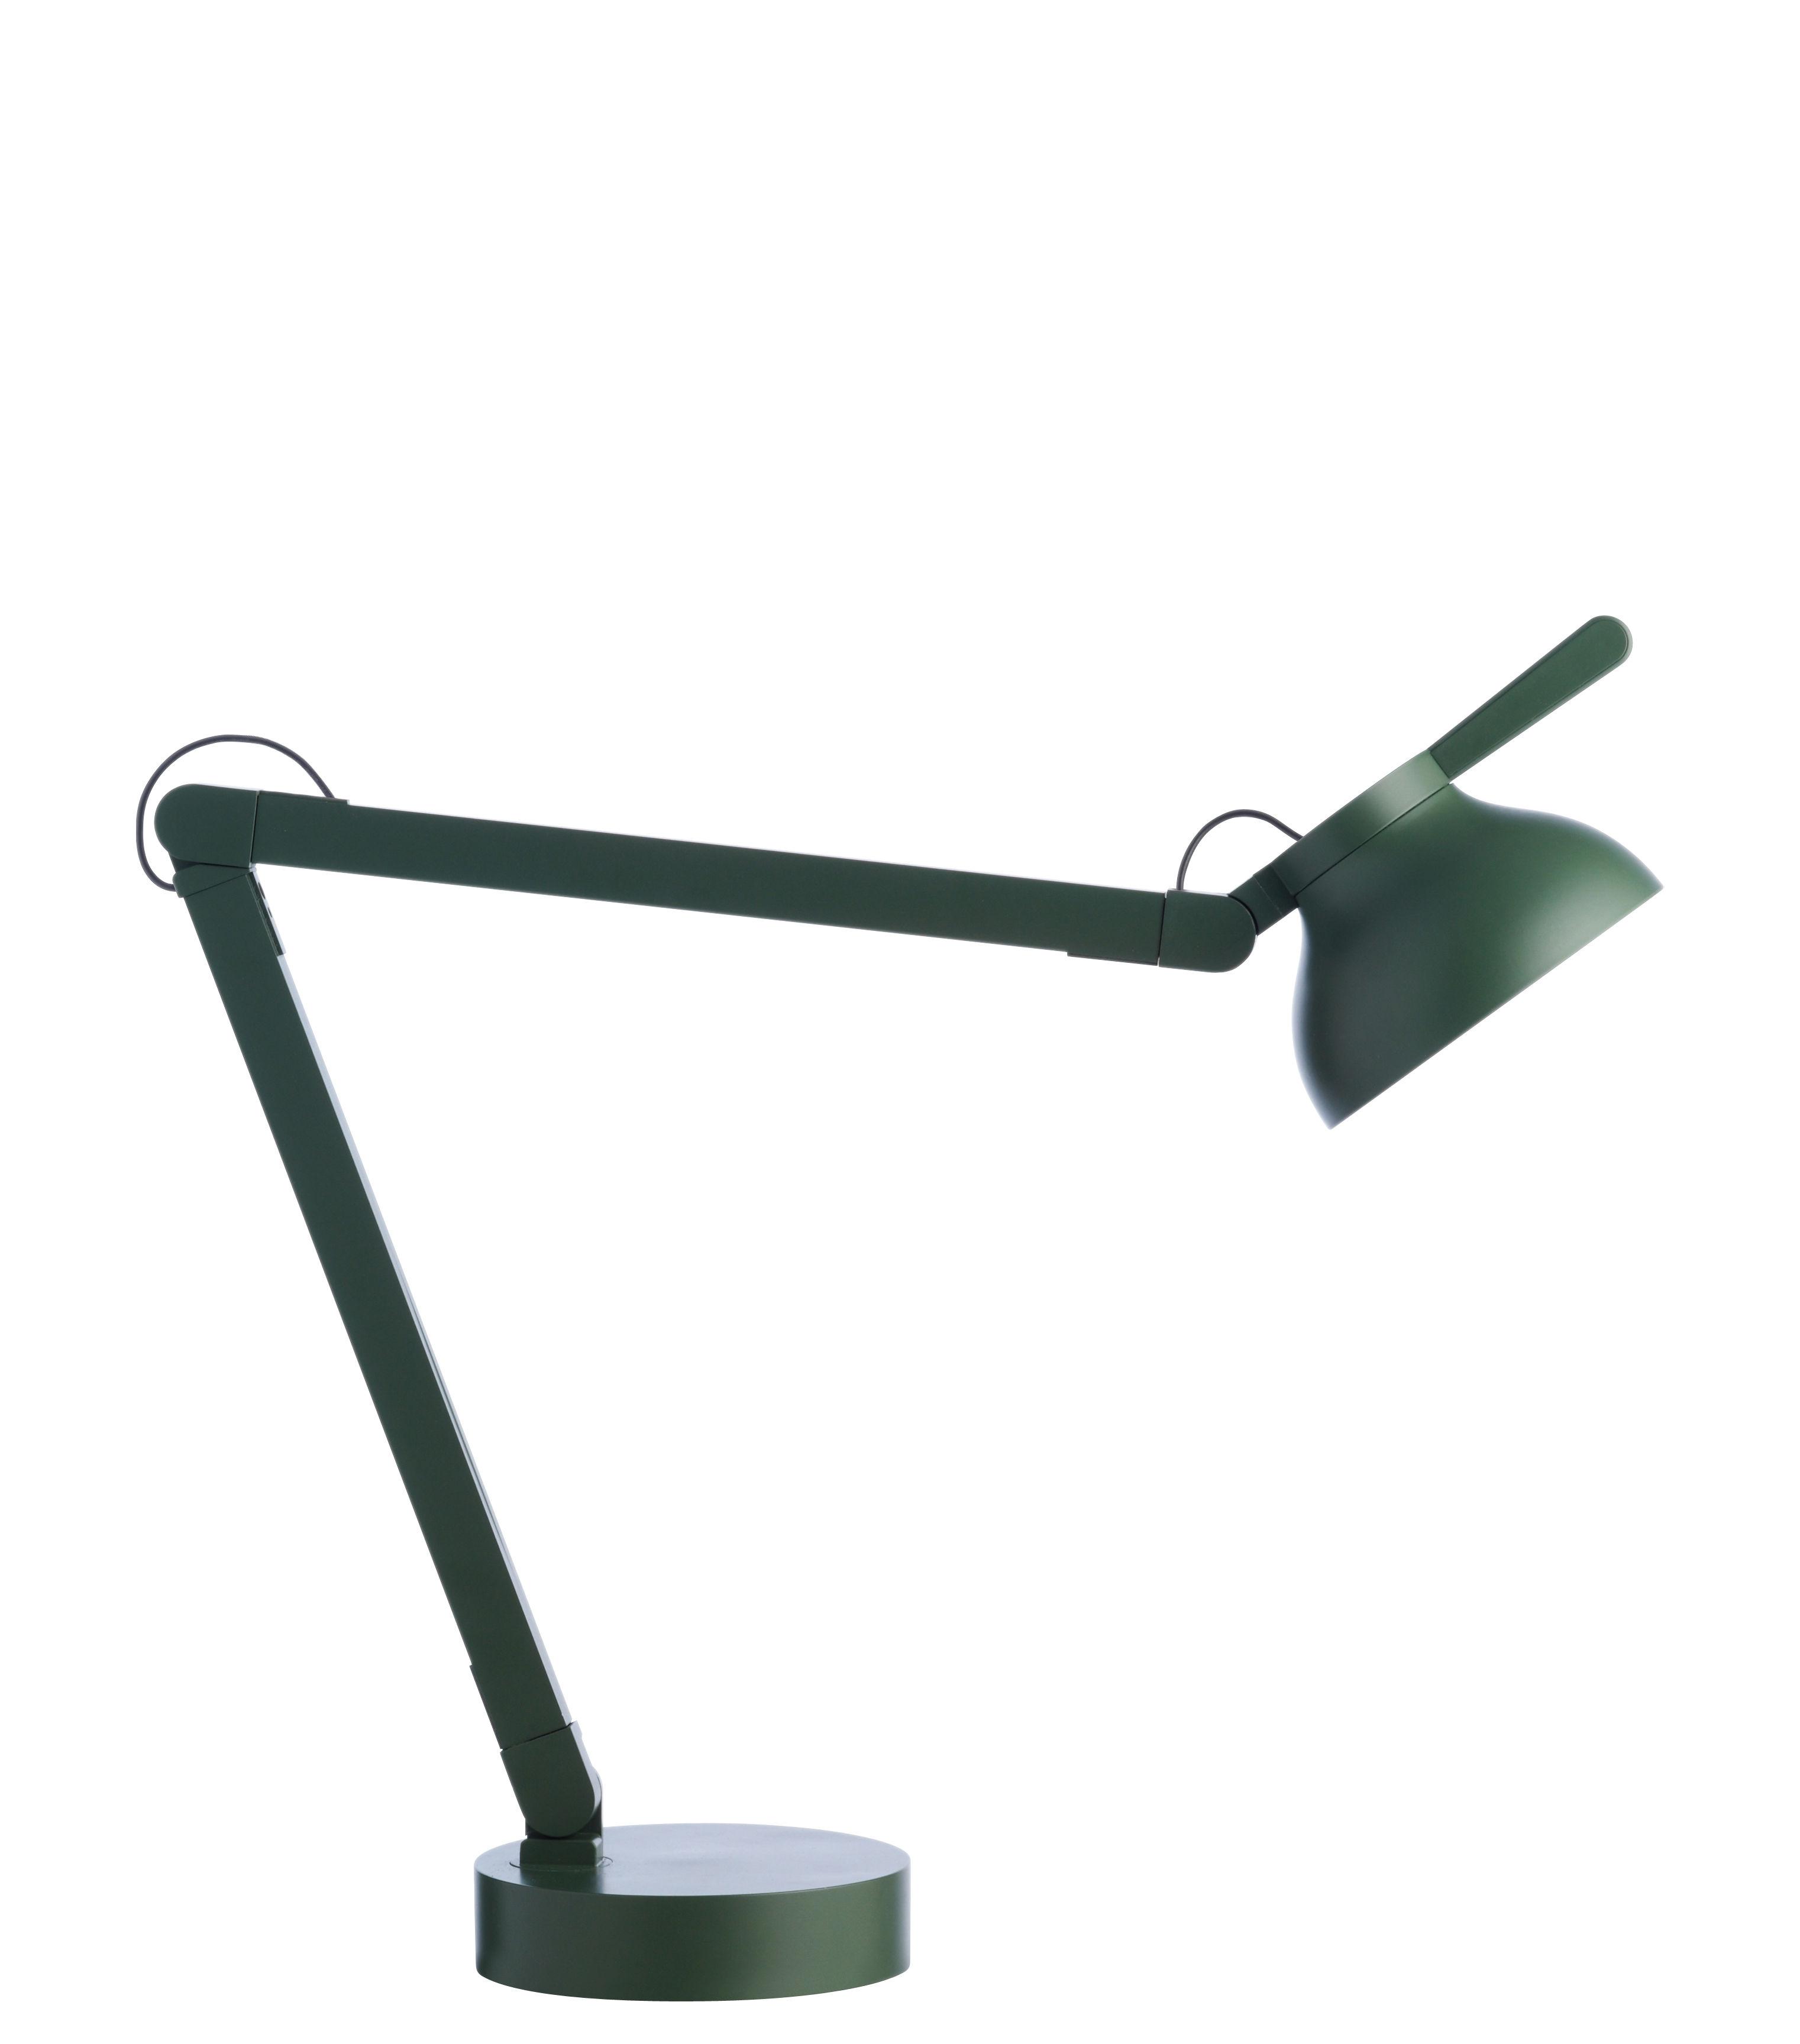 Luminaire - Lampes de table - Lampe de table PC by Pierre Charpin / LED - wrong.london - Vert - Aluminium extrudé, Fonte, Polycarbonate